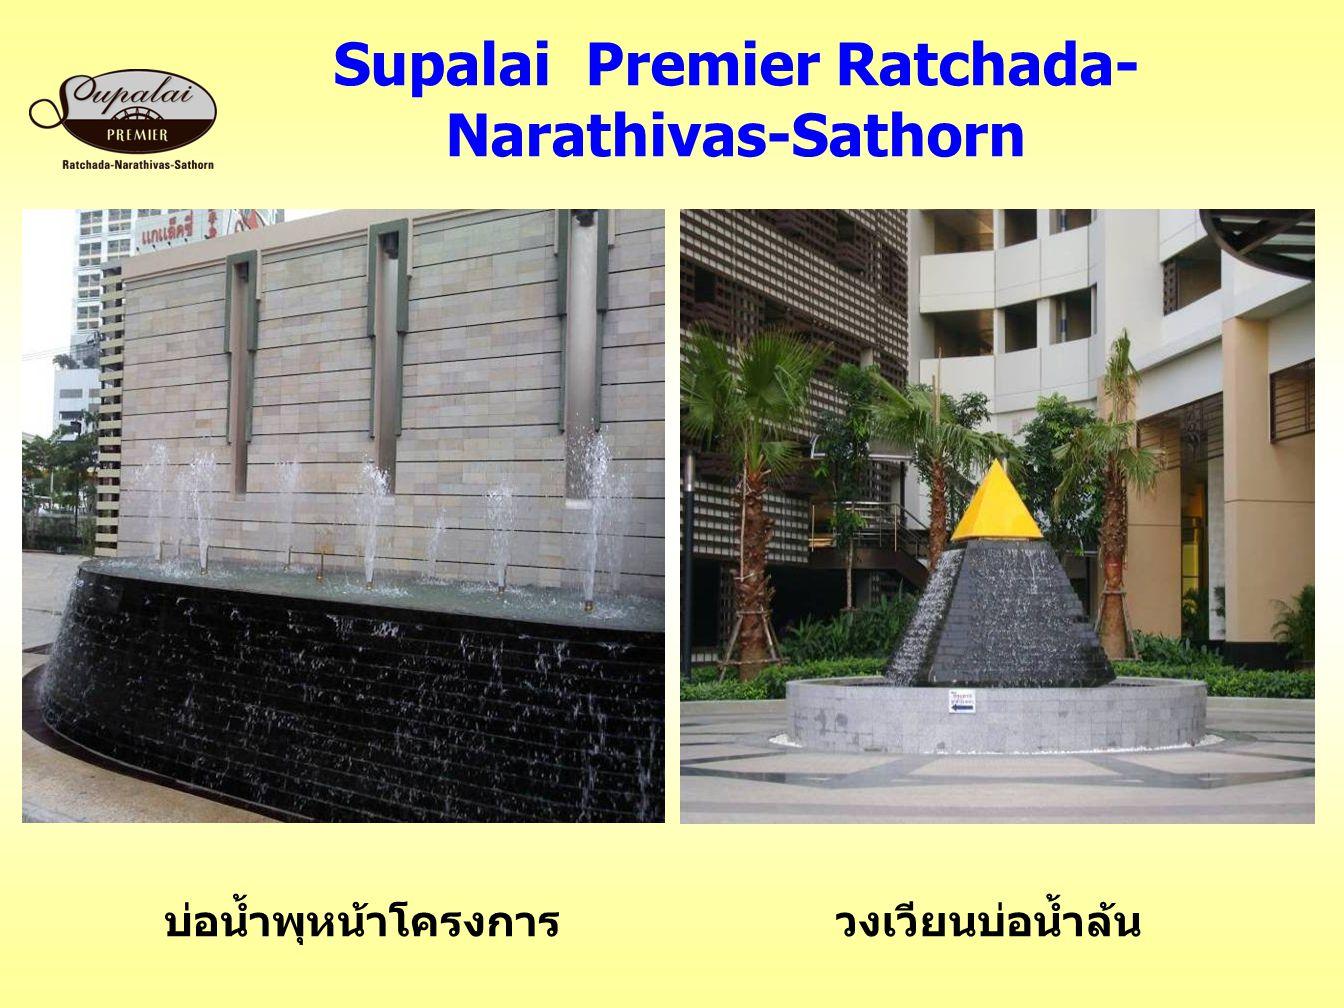 Supalai Premier Ratchada- Narathivas-Sathorn บ่อน้ำพุหน้าโครงการวงเวียนบ่อน้ำล้น